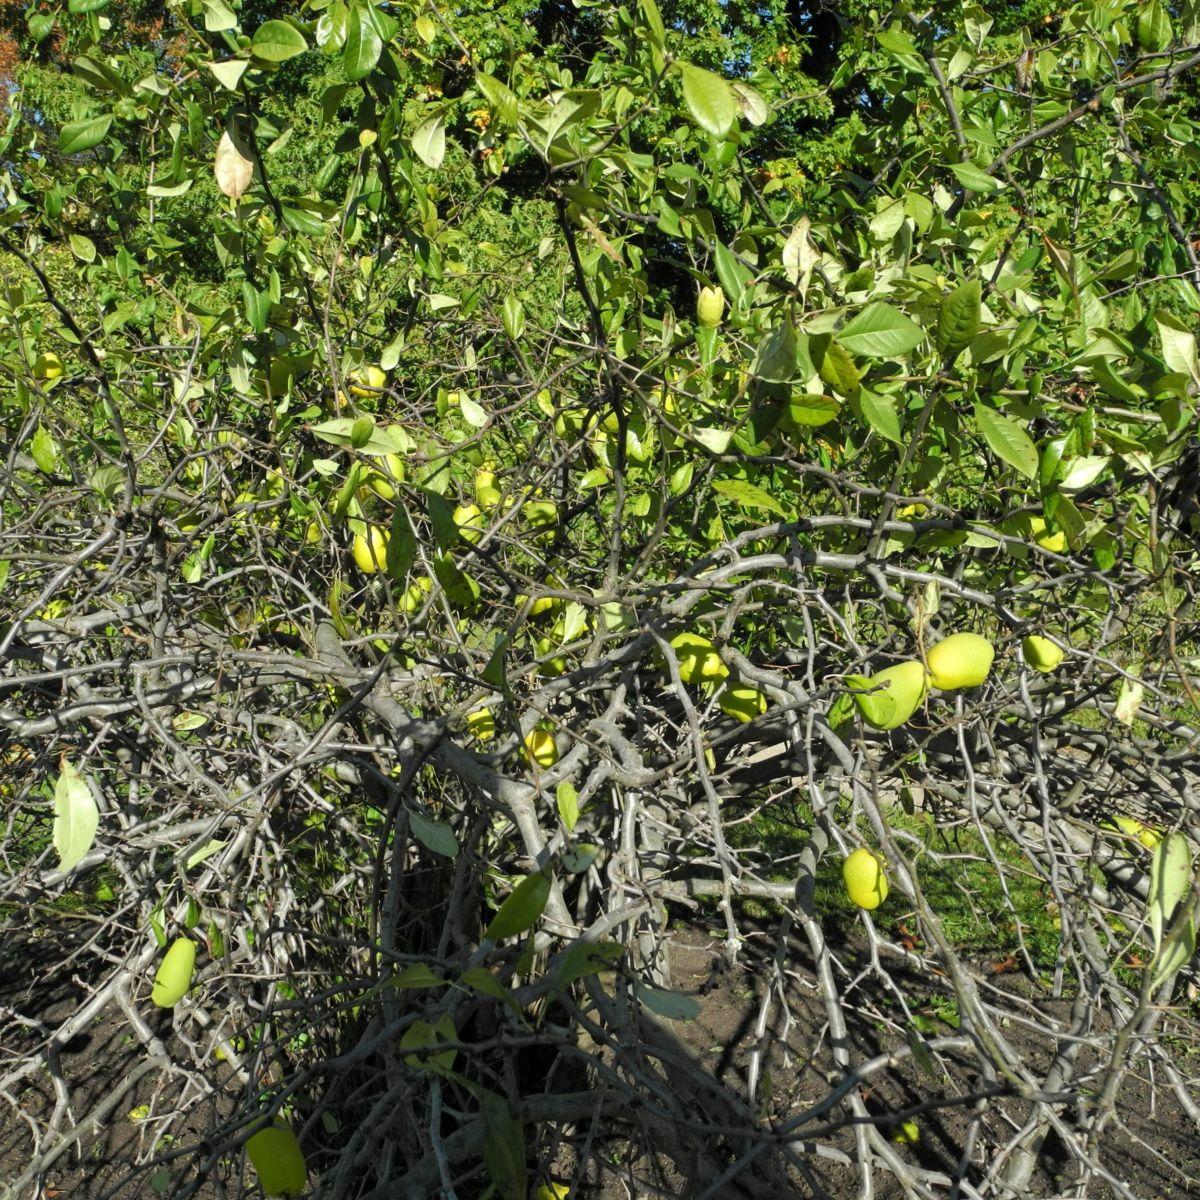 Scheinquite Frucht gelb Chaenomeles speciosa